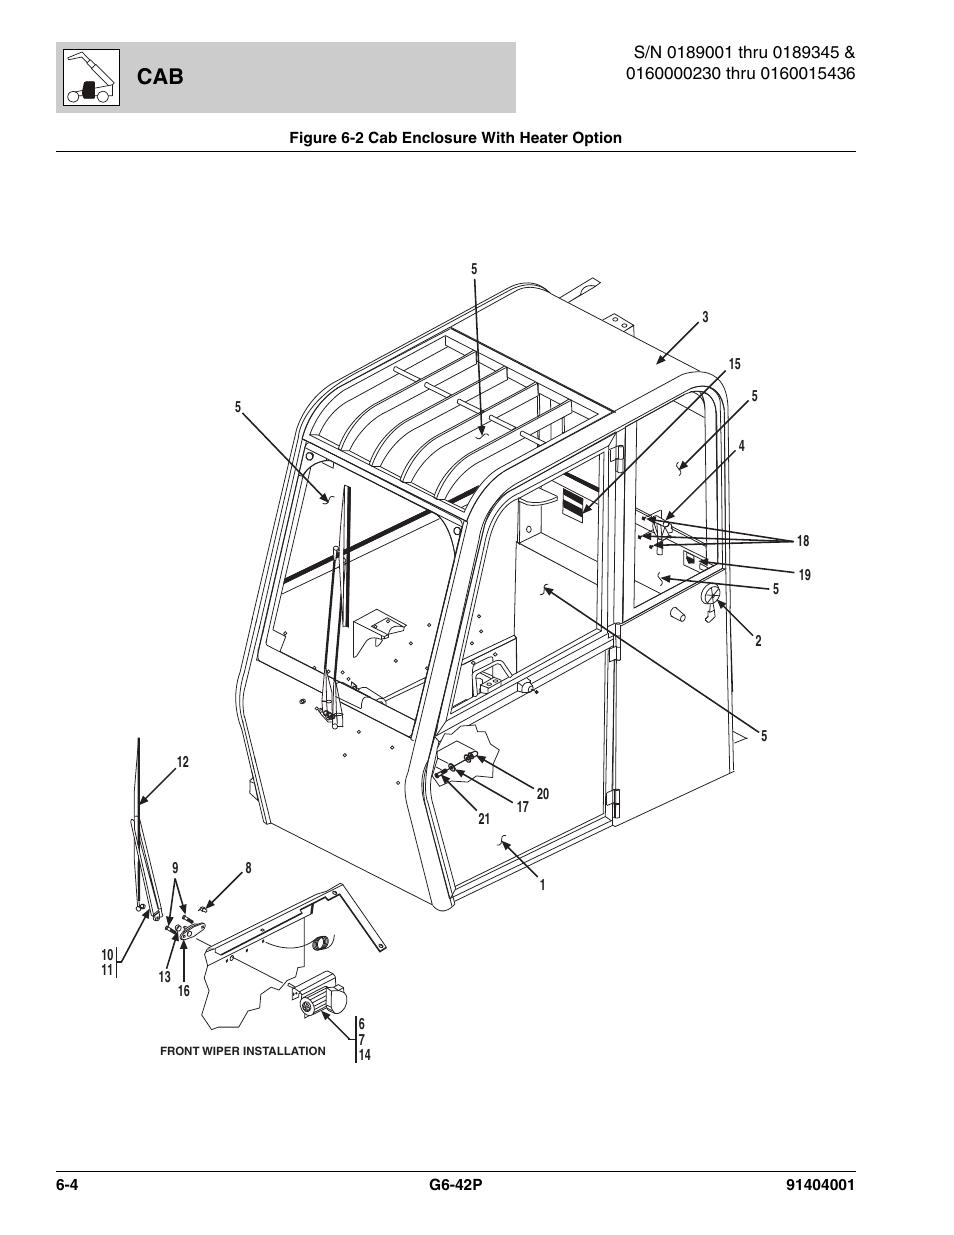 Figure 6-2 cab enclosure with heater option, Cab enclosure